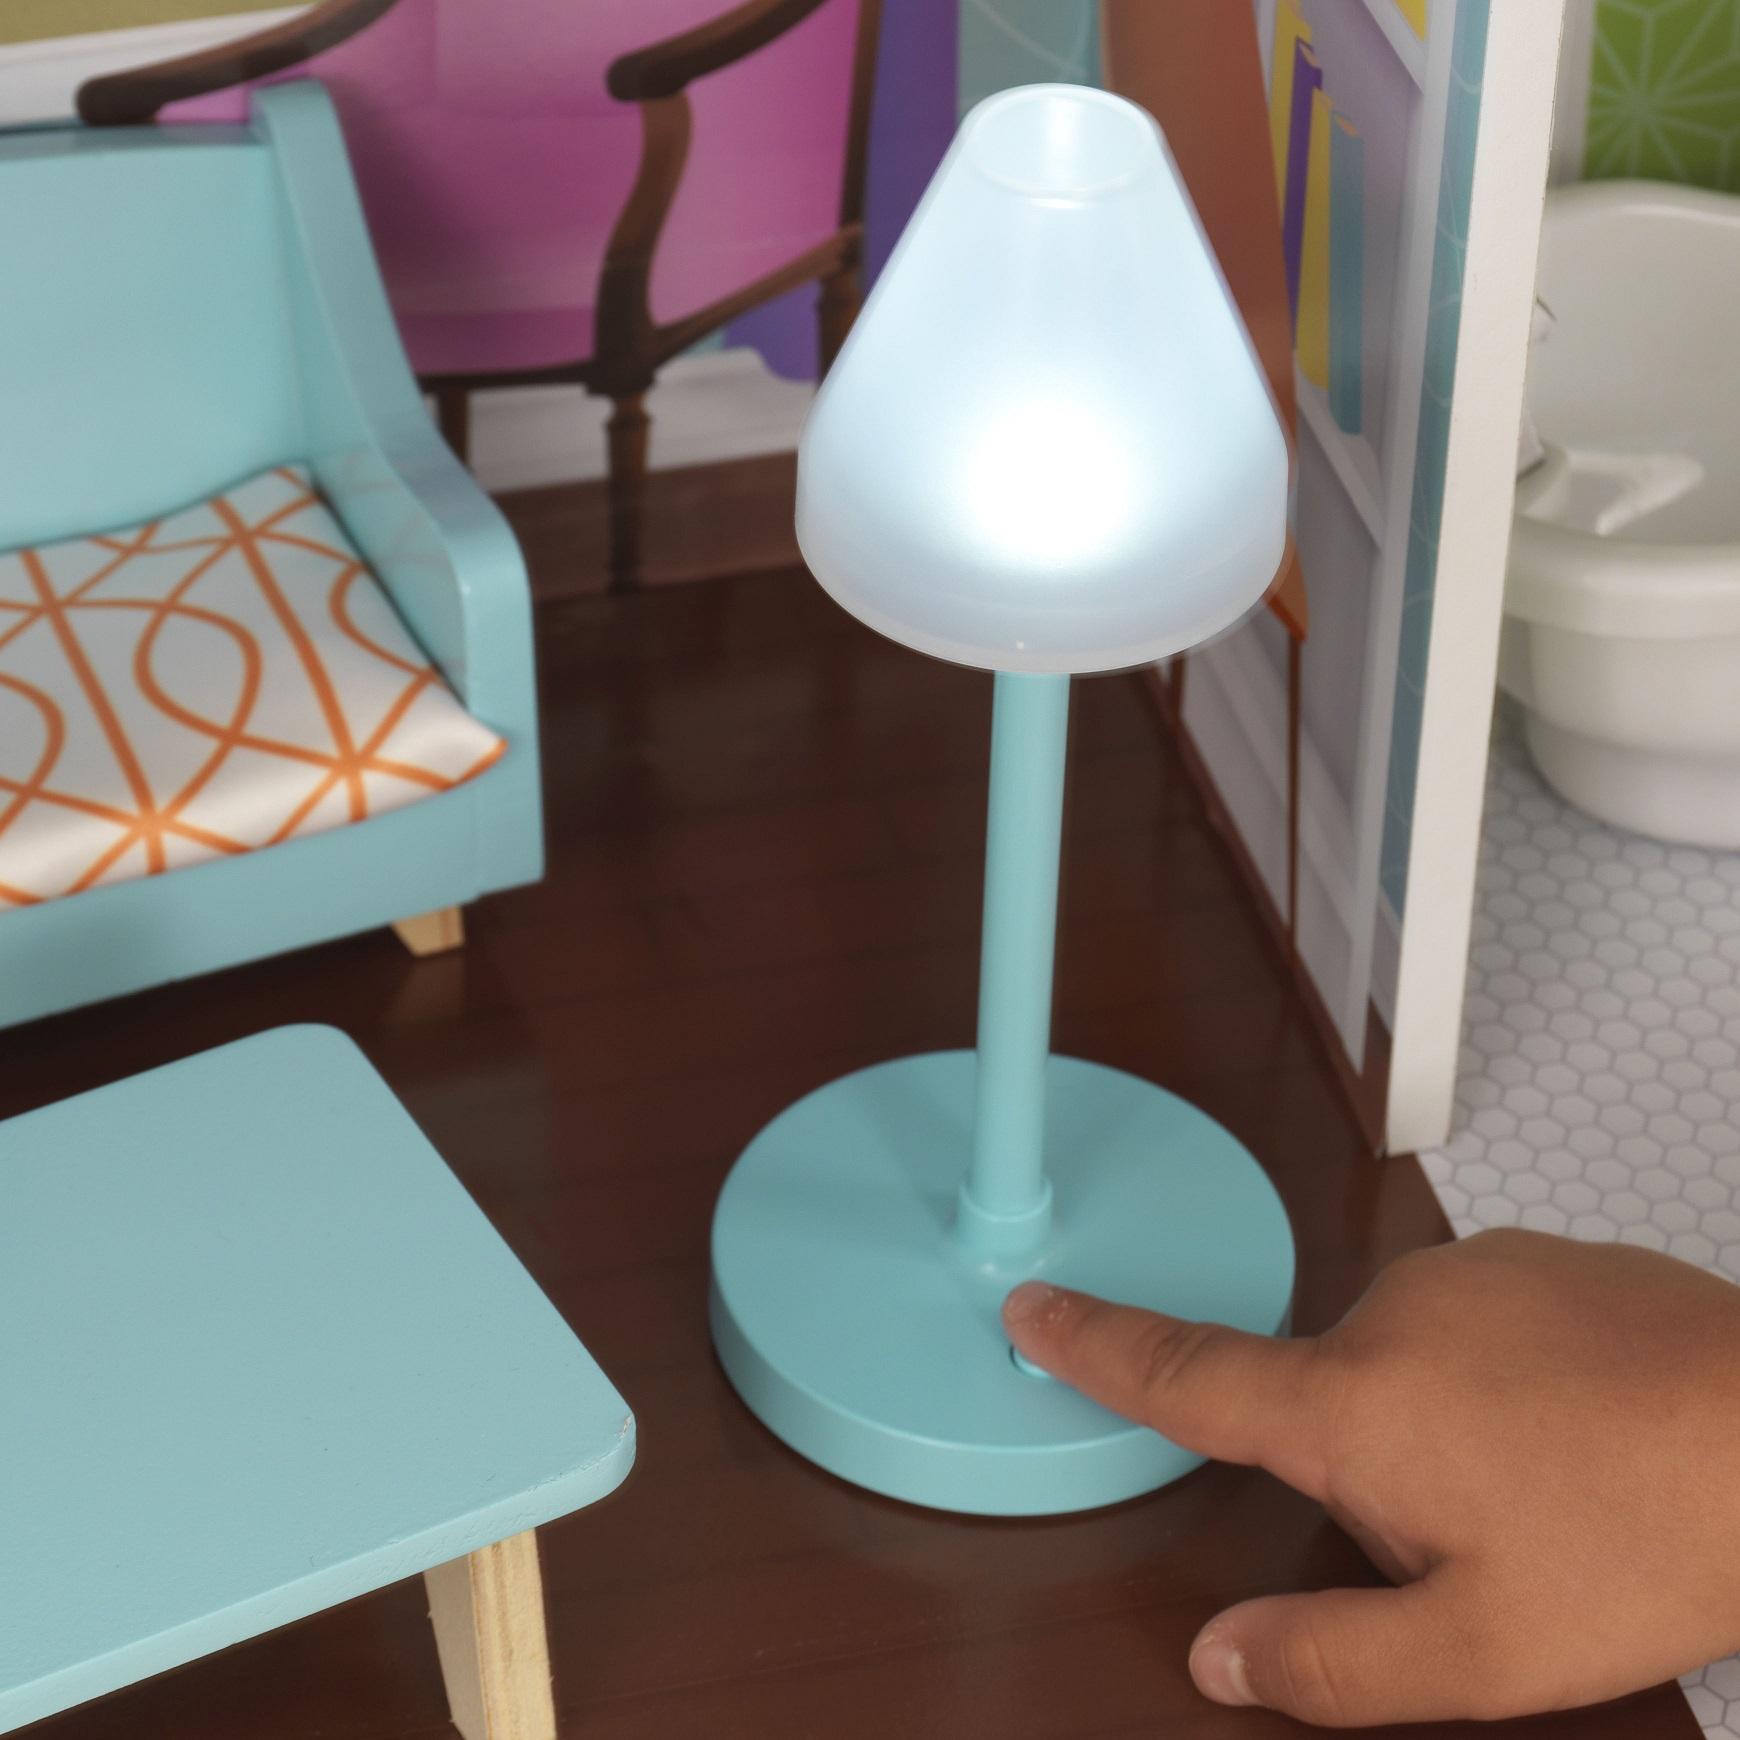 Detalle de lámpara con luz de kidkraft casa de muñecas avery 65943